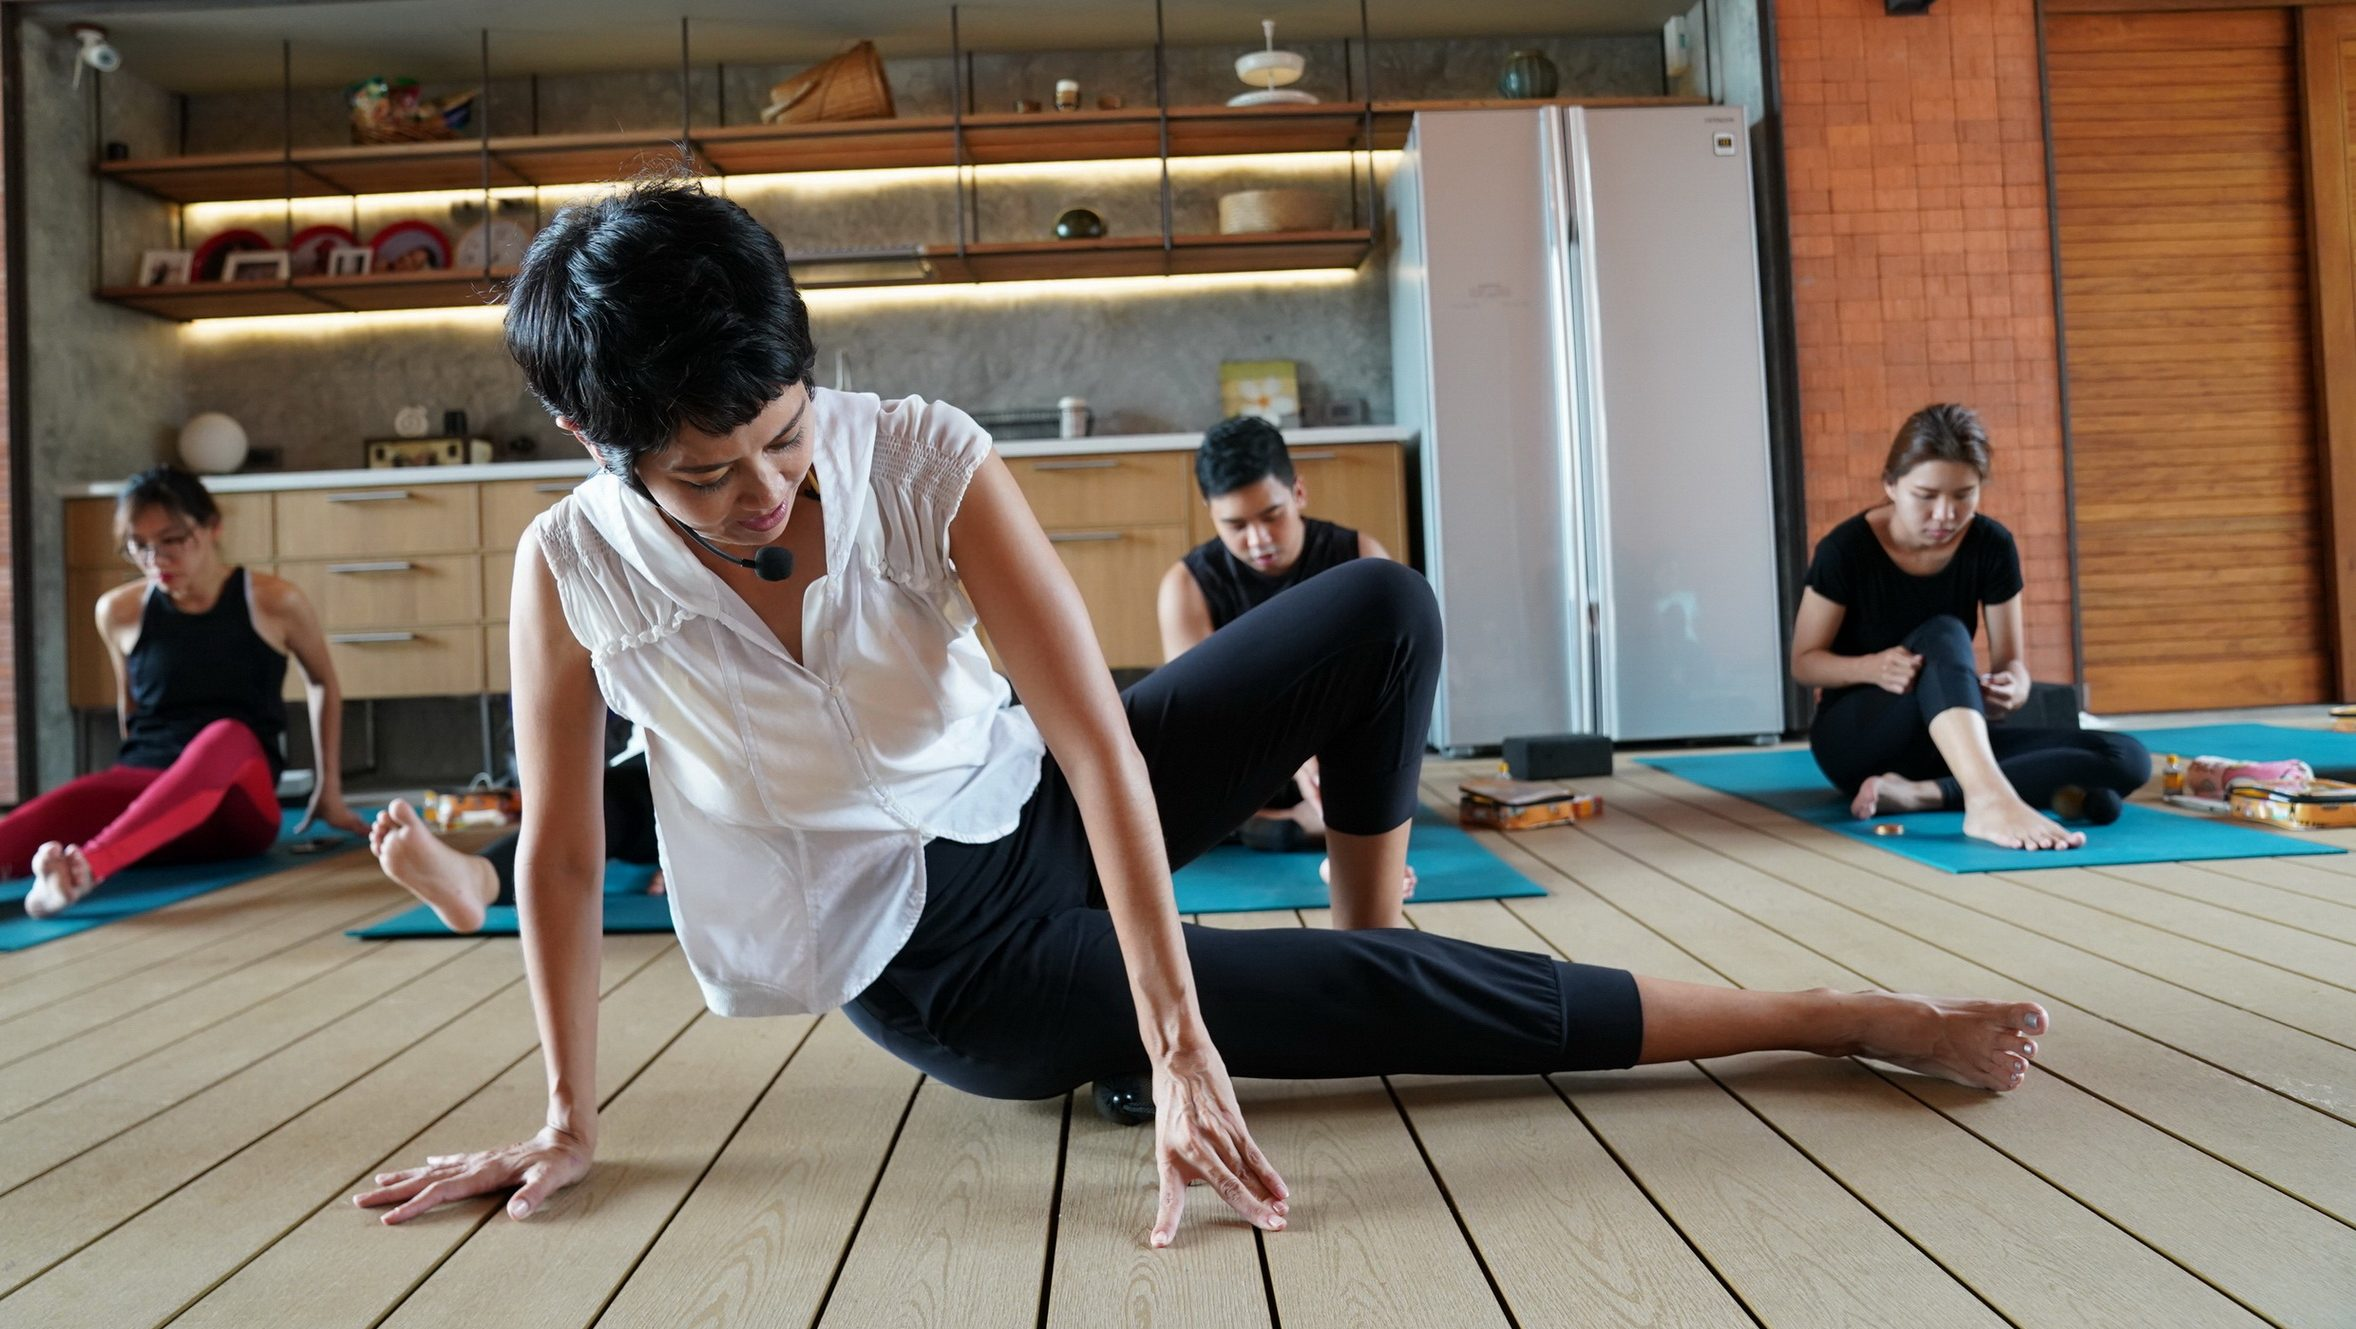 ต่อสู้กับโรค ป๊อบ อารียา ผู้หญิงเก่ง ออกกำลังกาย เทรนด์ออกกำลังกาย เล่นโยคะ โยคะ